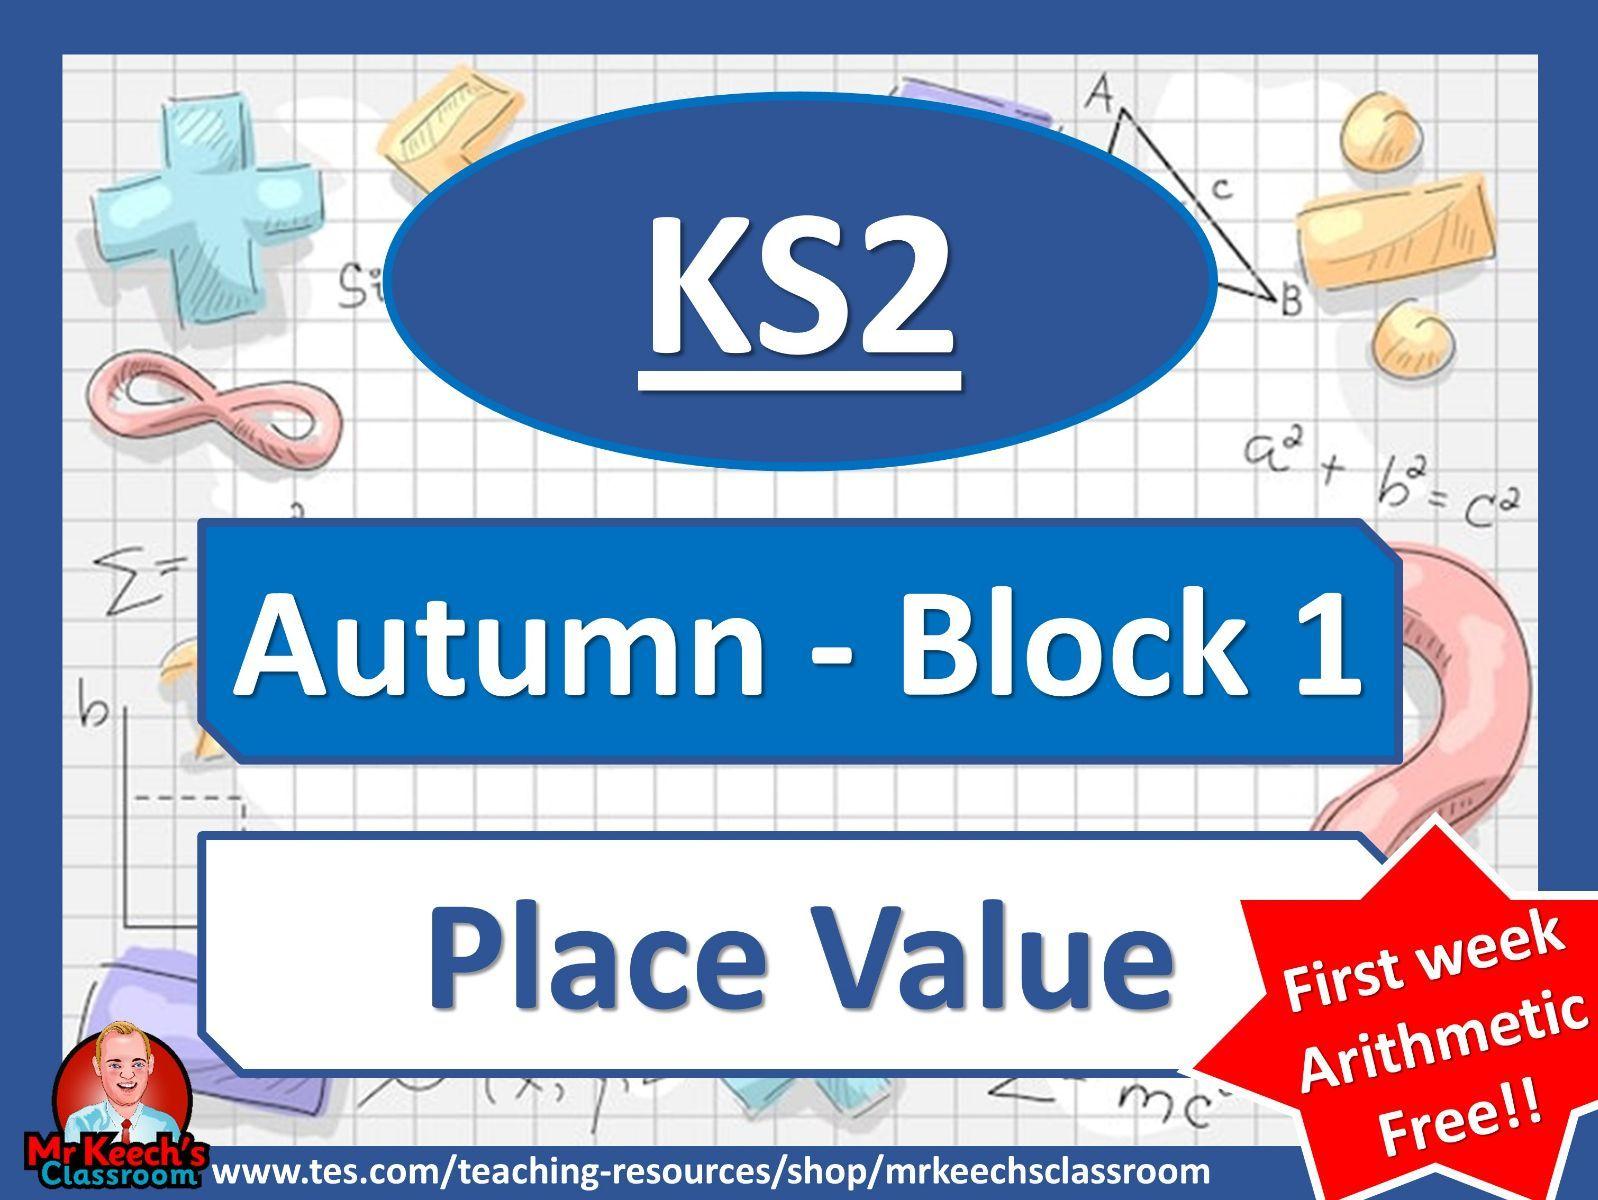 KS2 Place Value Bundle